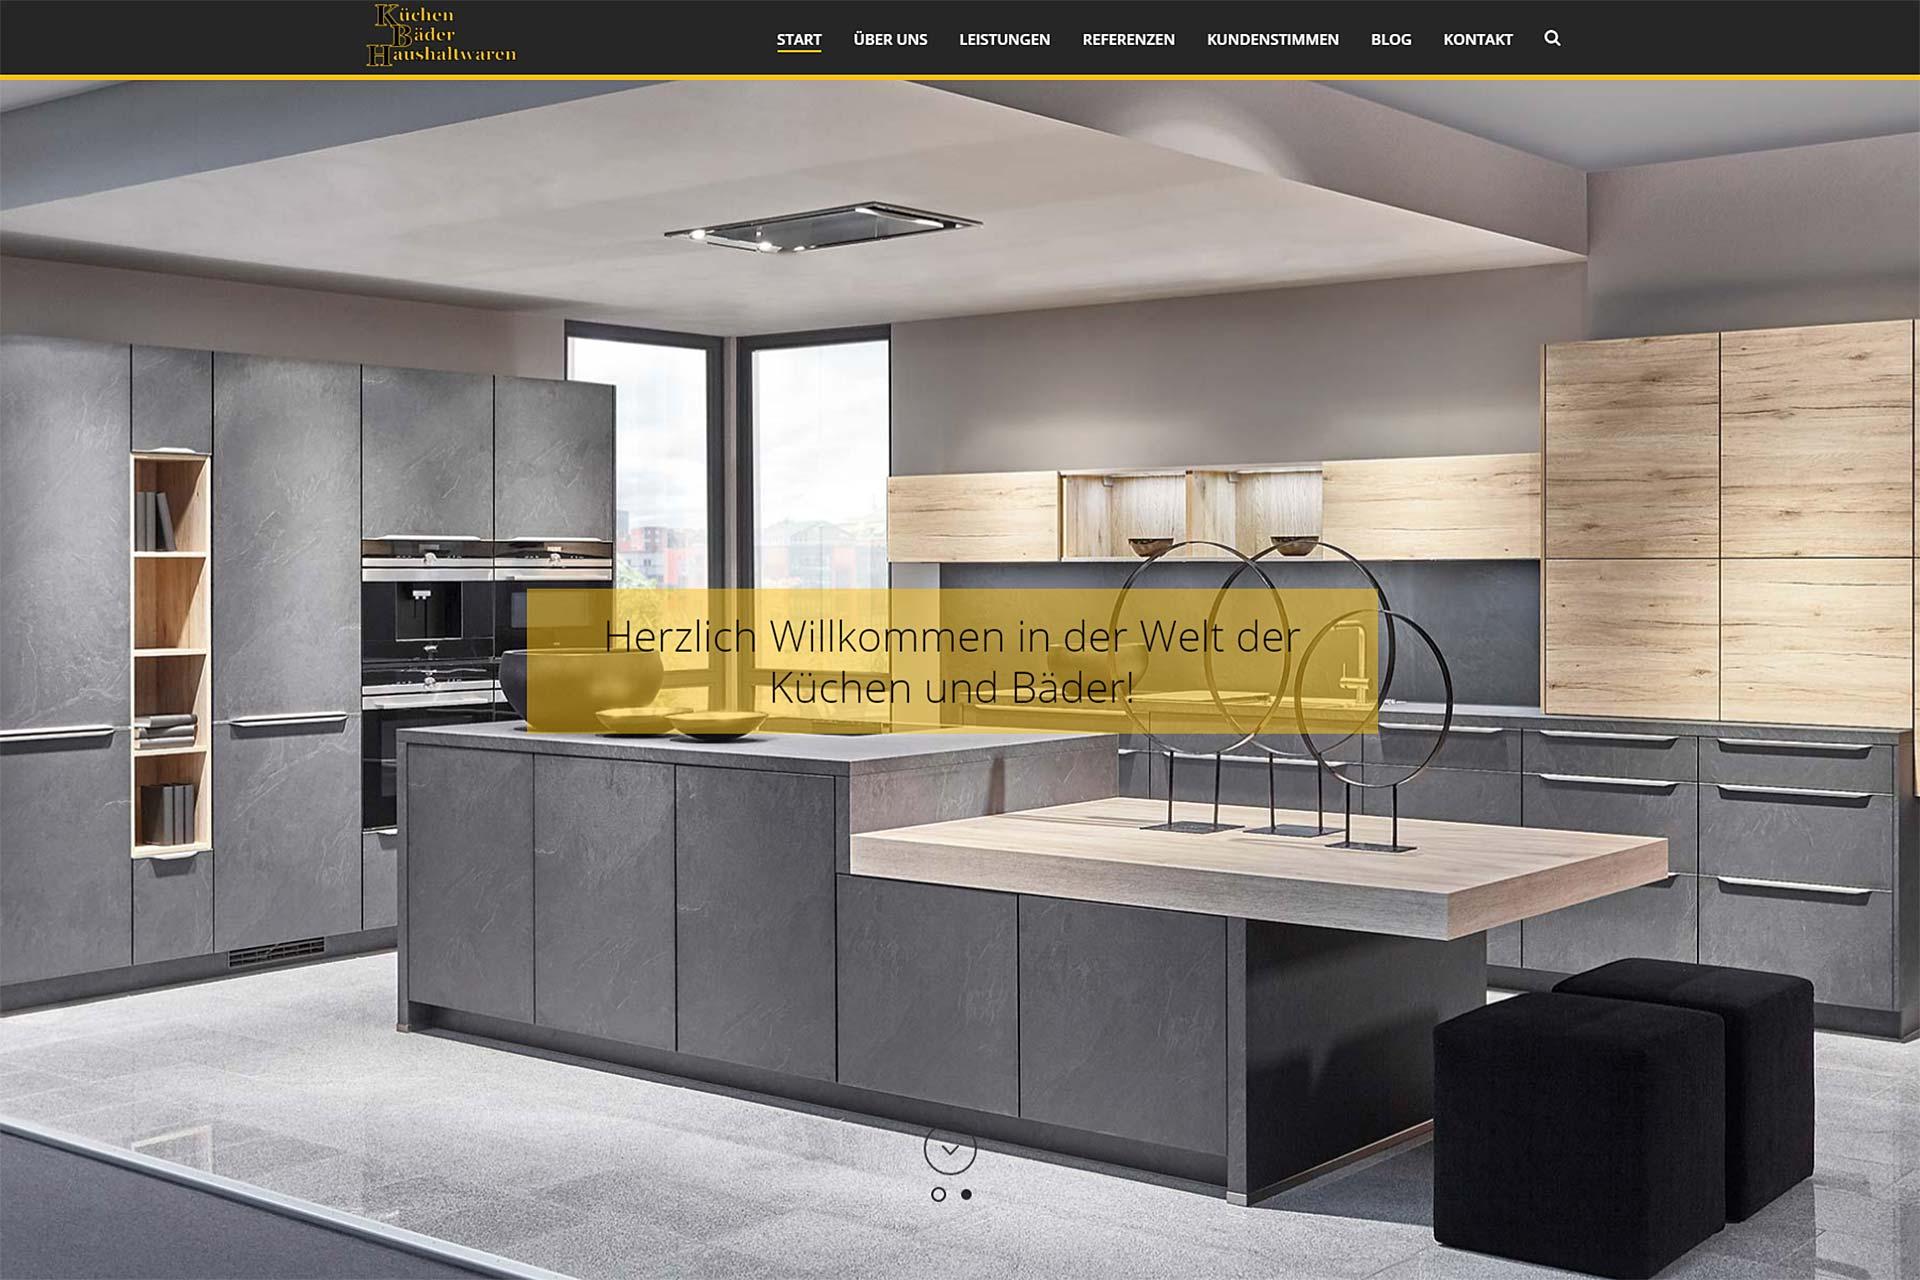 Herzlich willkommen auf der neuen Website von KBH Frank Böttger